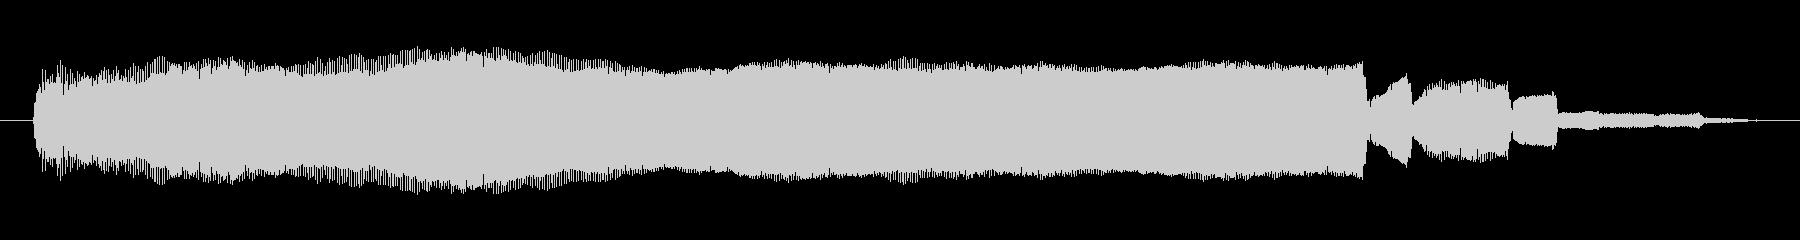 シンセサイザー 金属オルガン03の未再生の波形